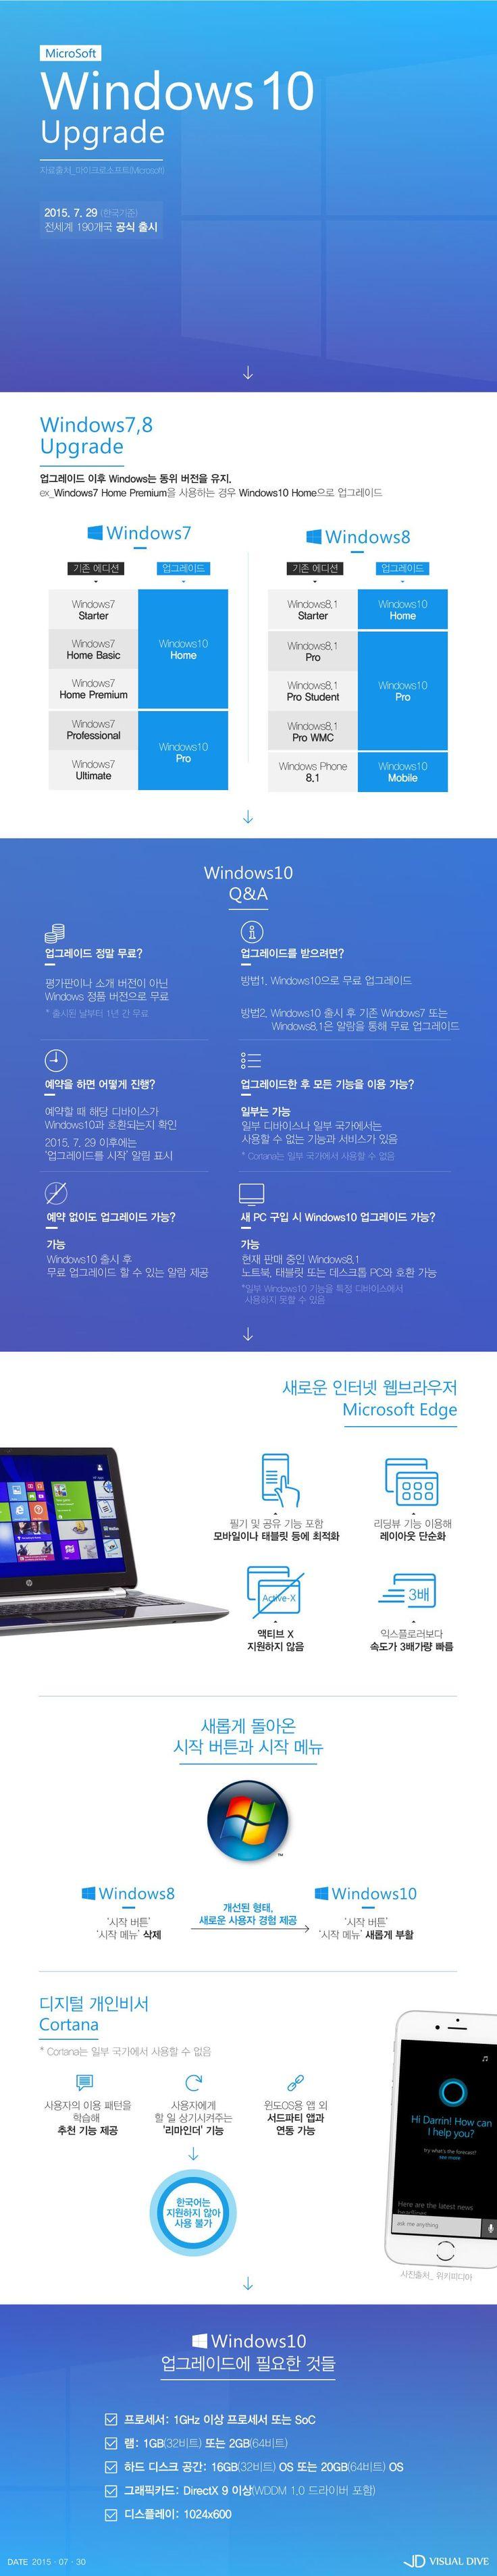 '윈도우10' 공식 출시, 달라지는 점은? [인포그래픽] #Windows10 / #Infographic ⓒ 비주얼다이브 무단 복사·전재·재배포 금지